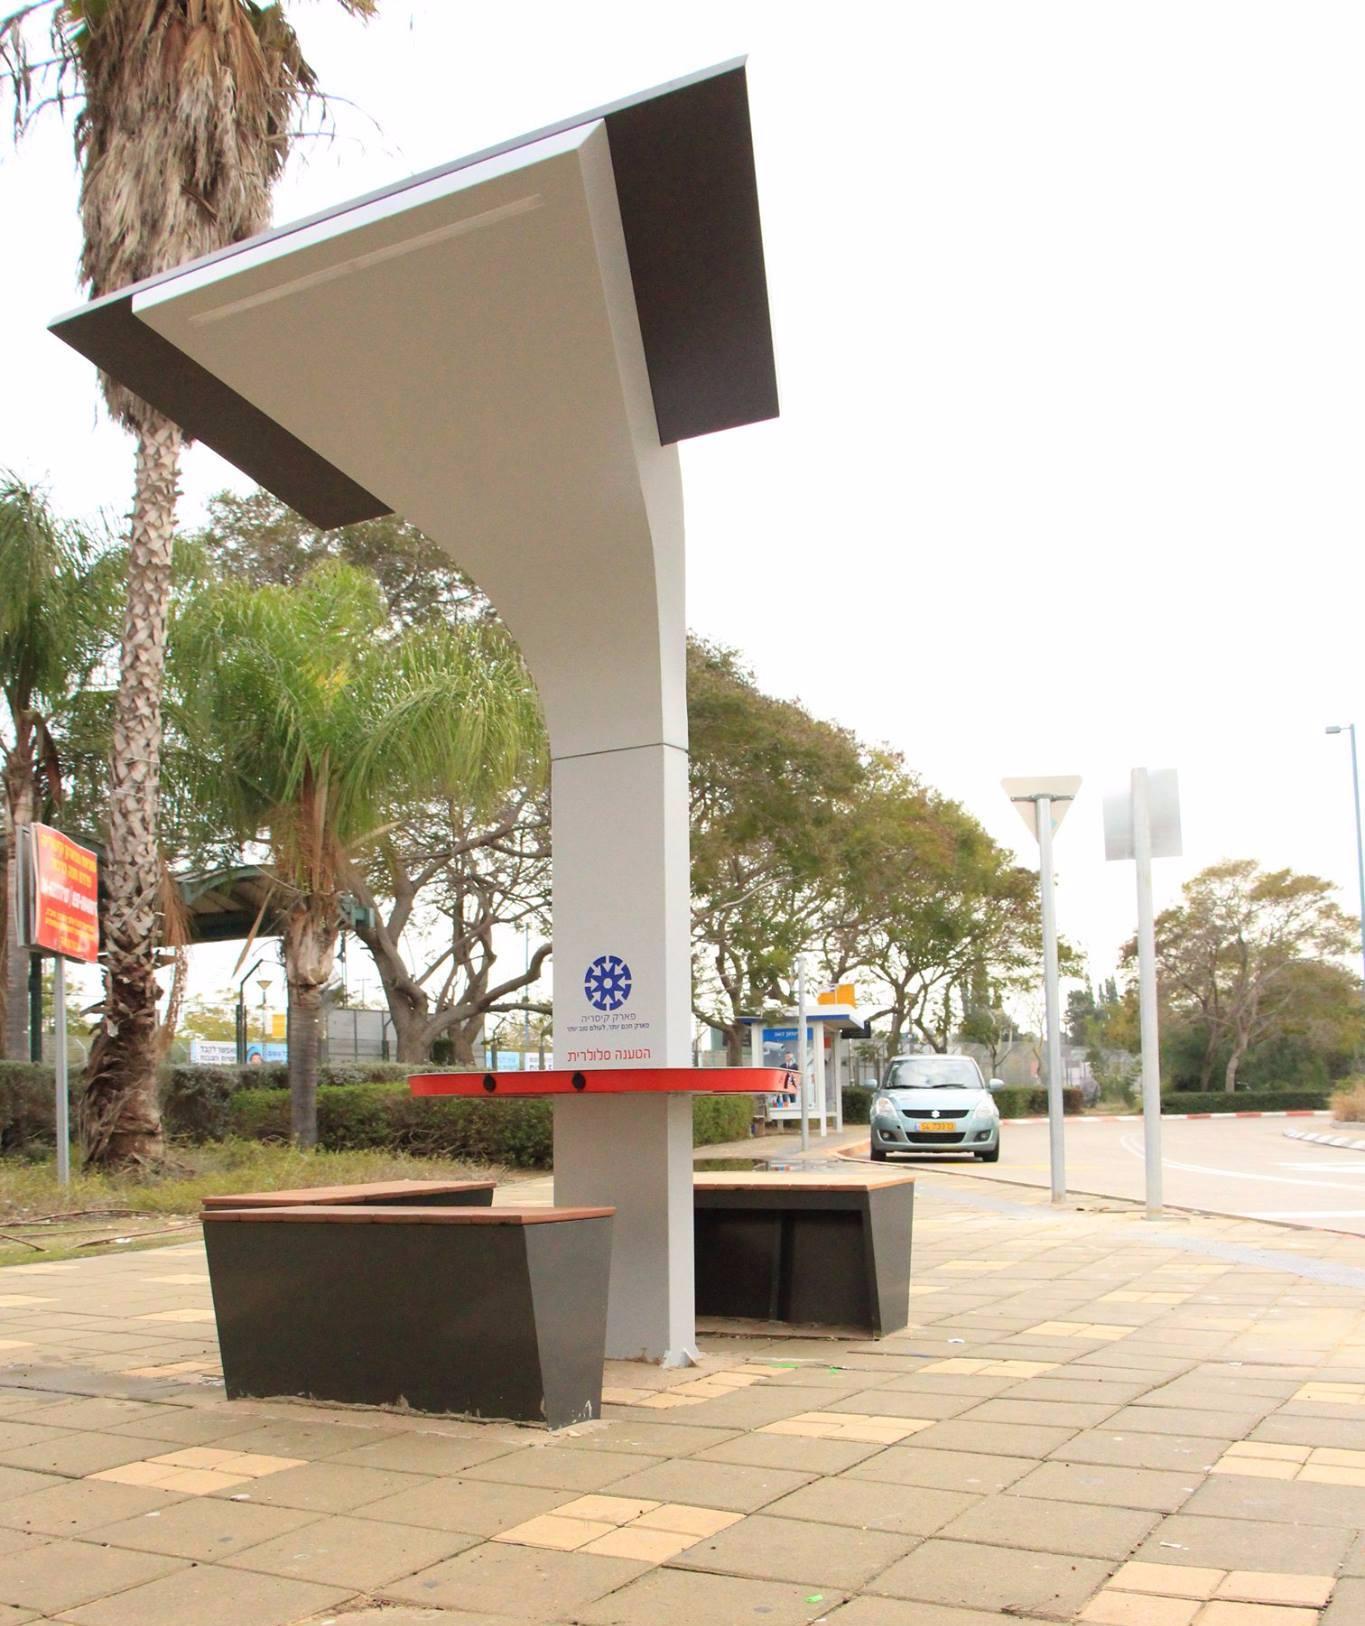 מתקן ציבורי לטעינת סמארטפונים קיסריה